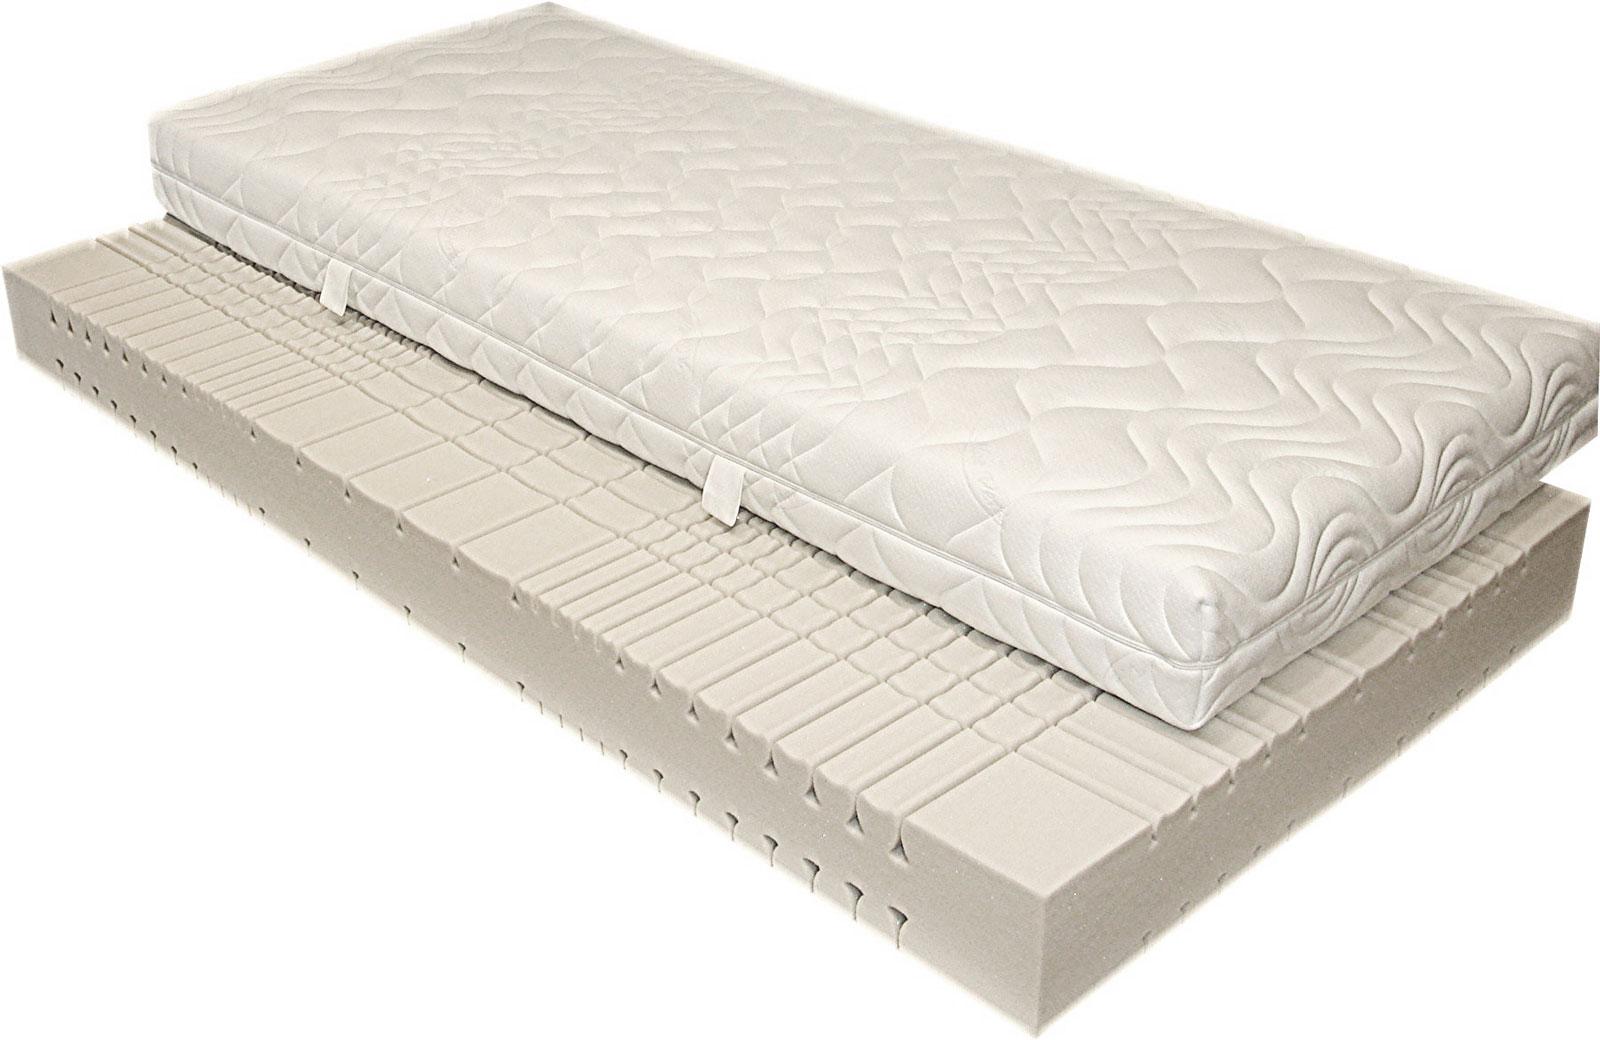 sam 7 zonen kaltschaum h3 matratze 200 x 200 cm komfort. Black Bedroom Furniture Sets. Home Design Ideas